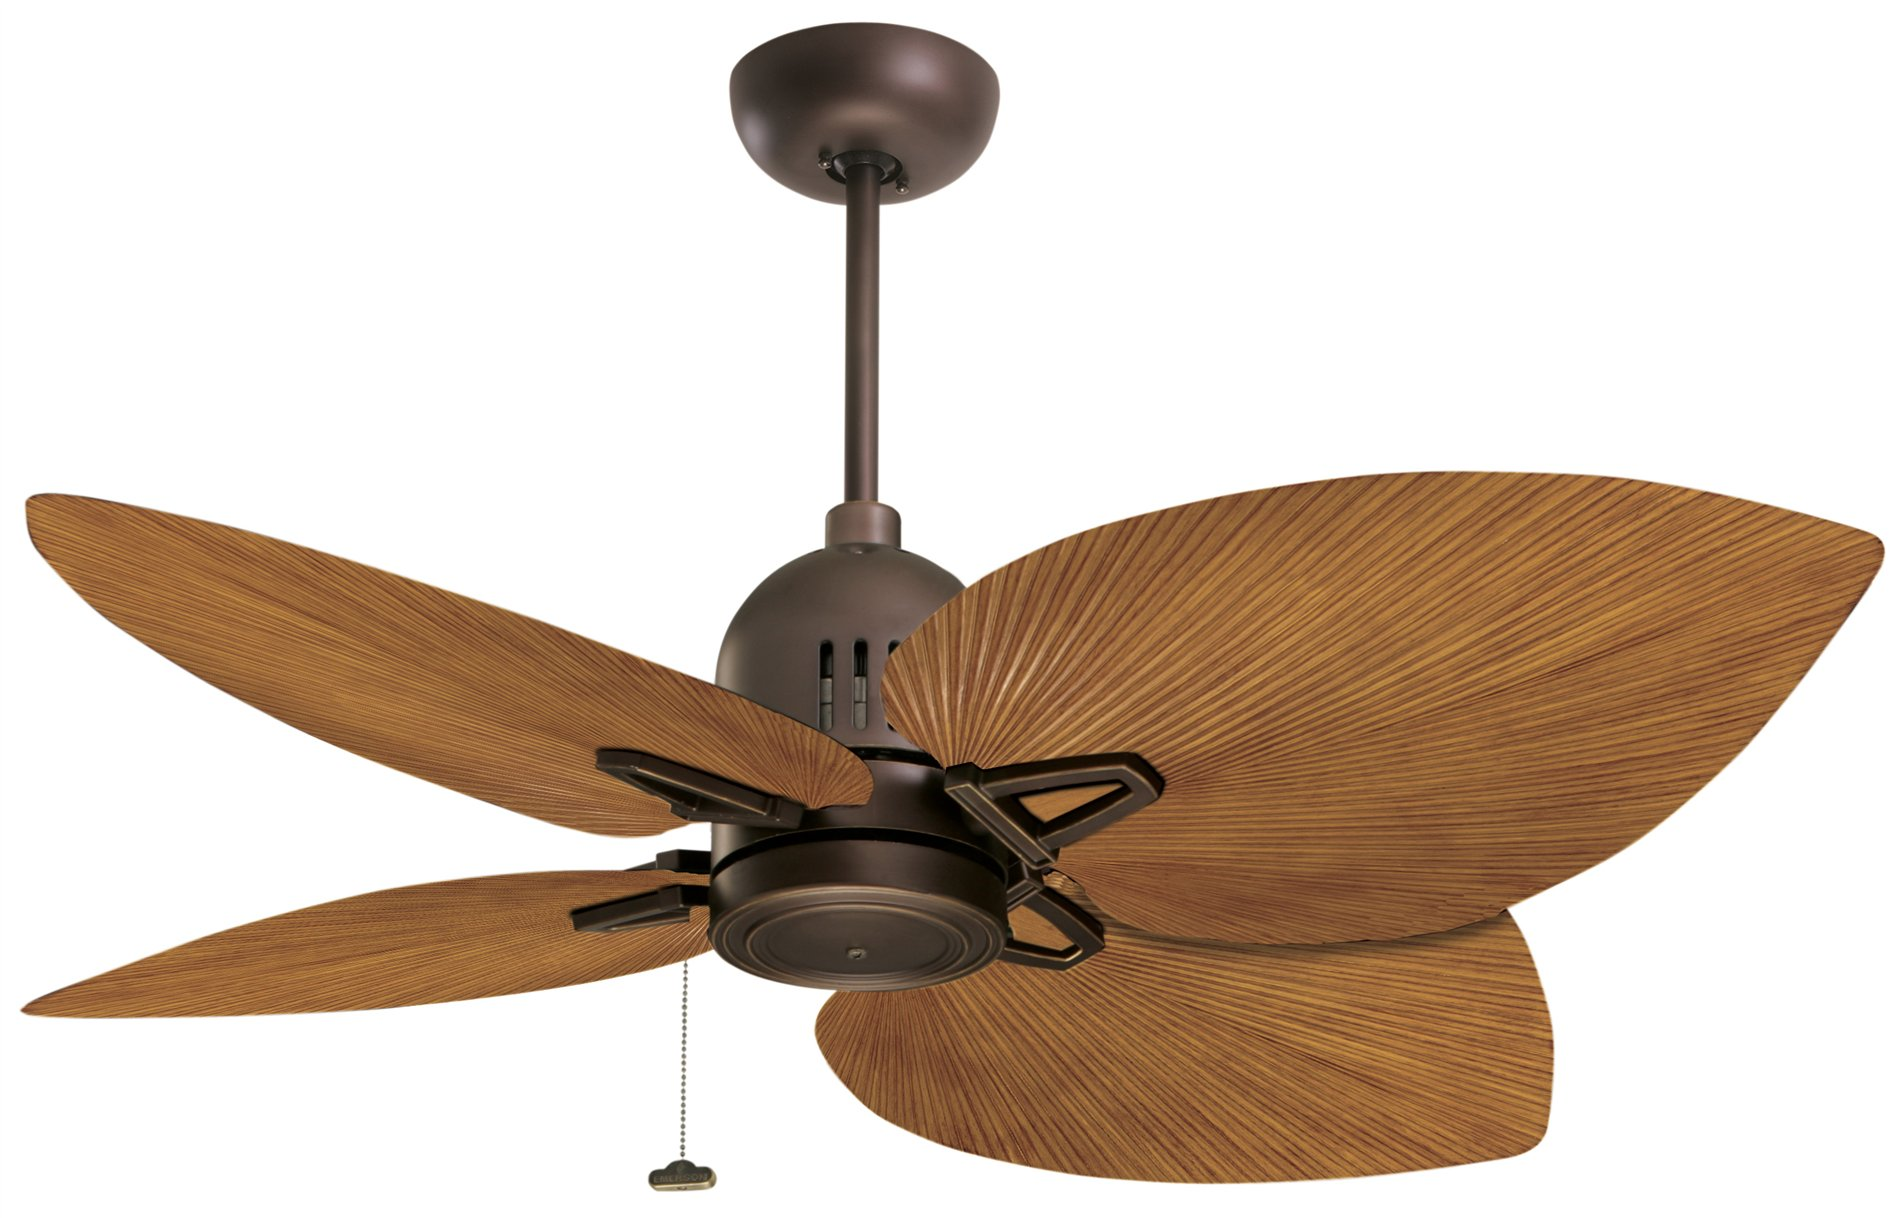 Emerson b83pcn 22 all weather palm leaf ceiling fan blades em b83pcn - Leaf blade ceiling fan with light ...